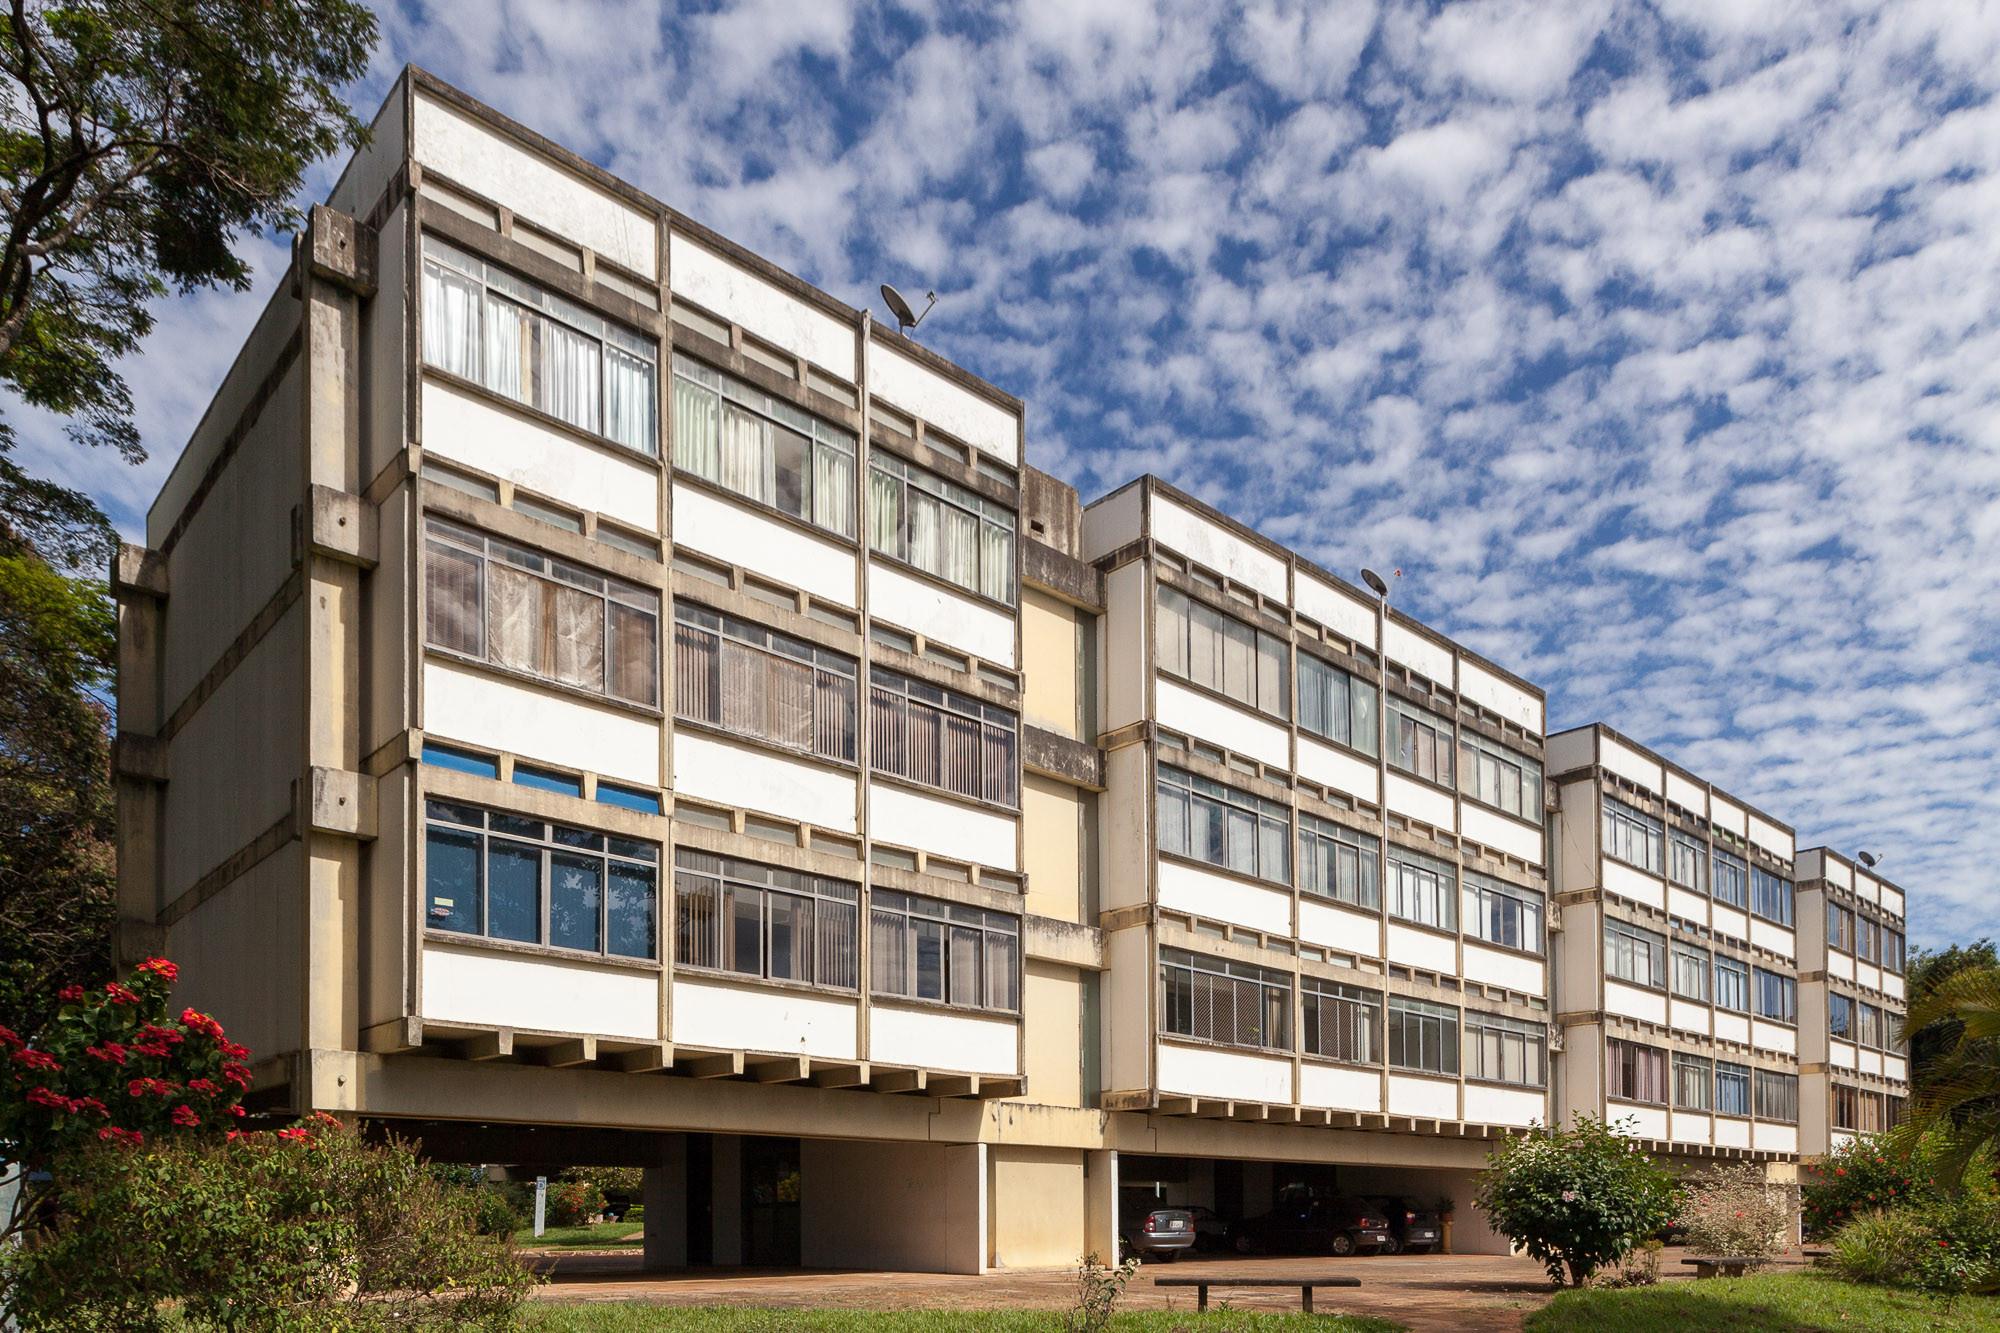 Edifício de Apartamentos dos Profesores UnB © Joana França